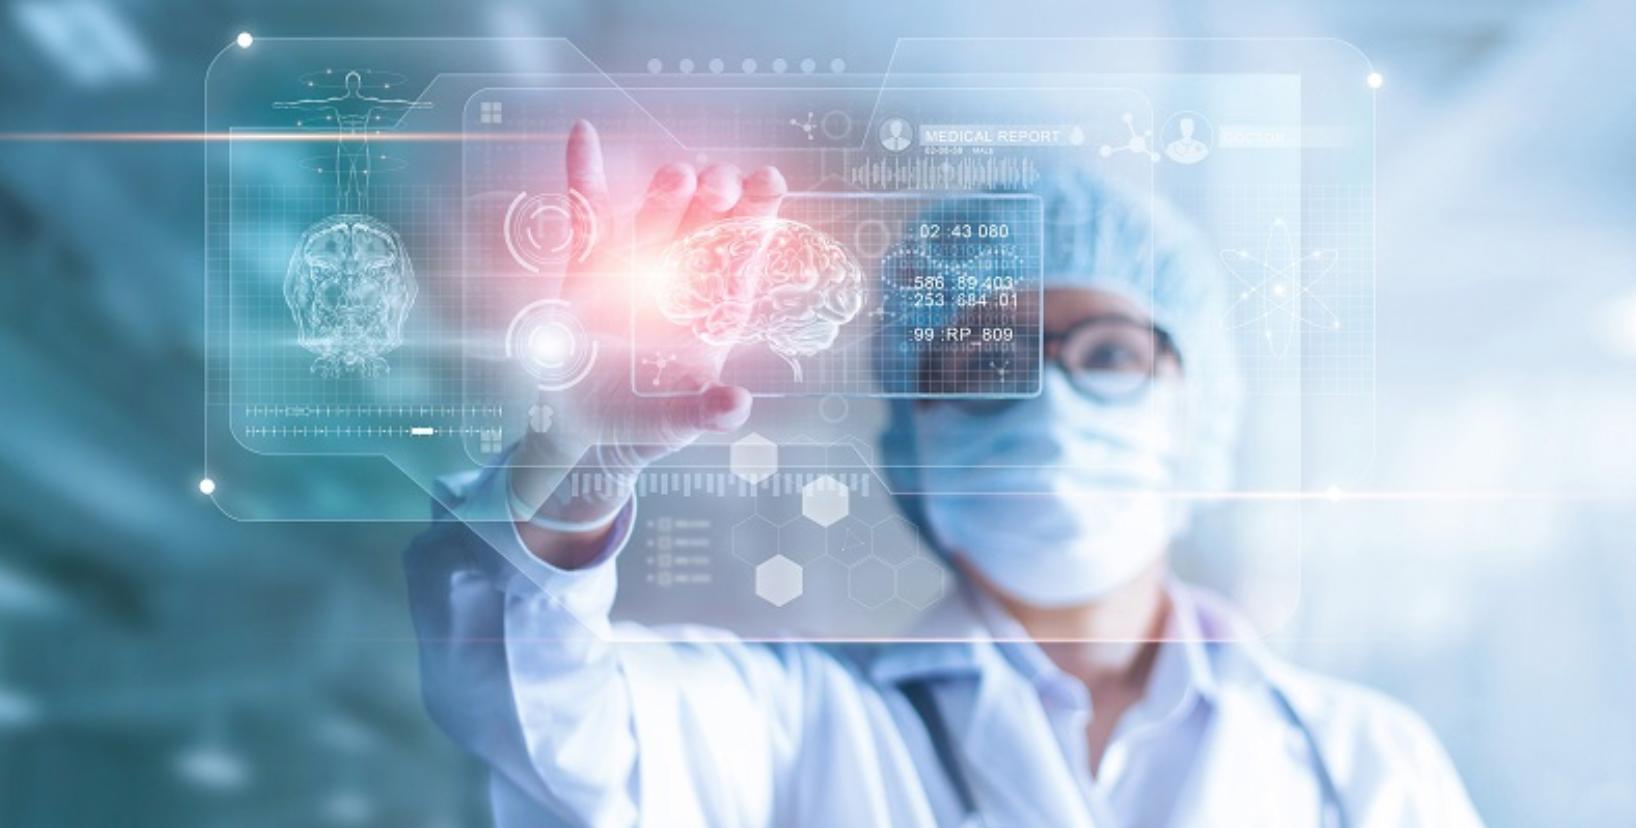 La HAS dévoile un nouvel outil pour l'évaluation des dispositifs médicaux embarquant de l'intelligence artificielle